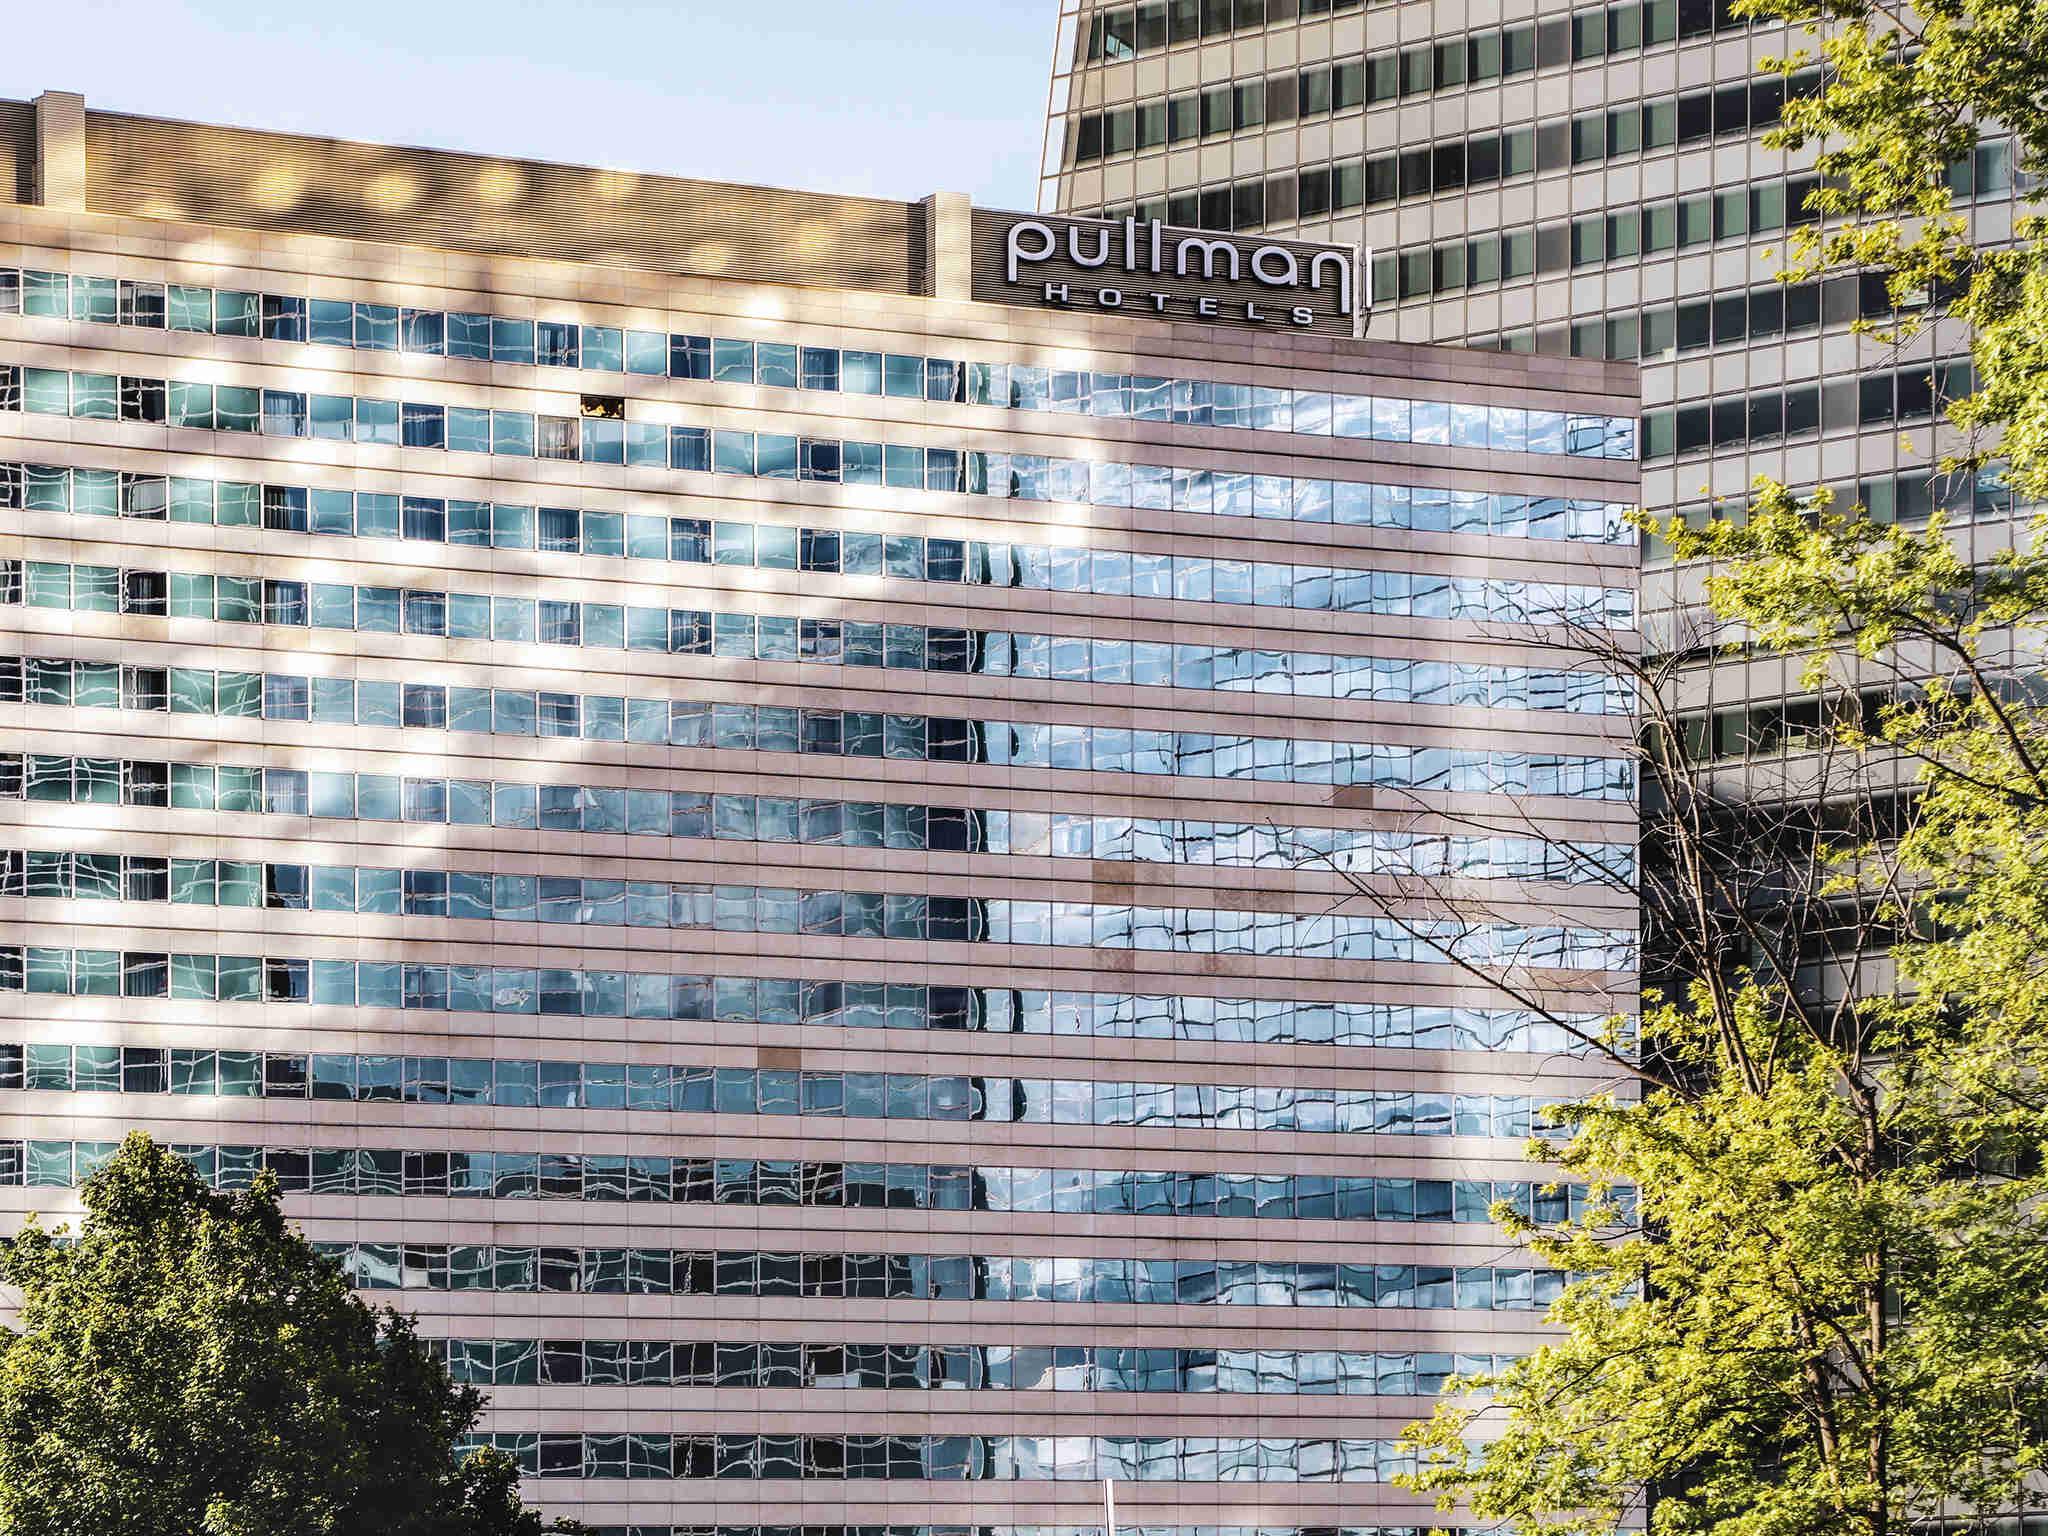 فندق - بولمان Pullman باريس لاديفانس